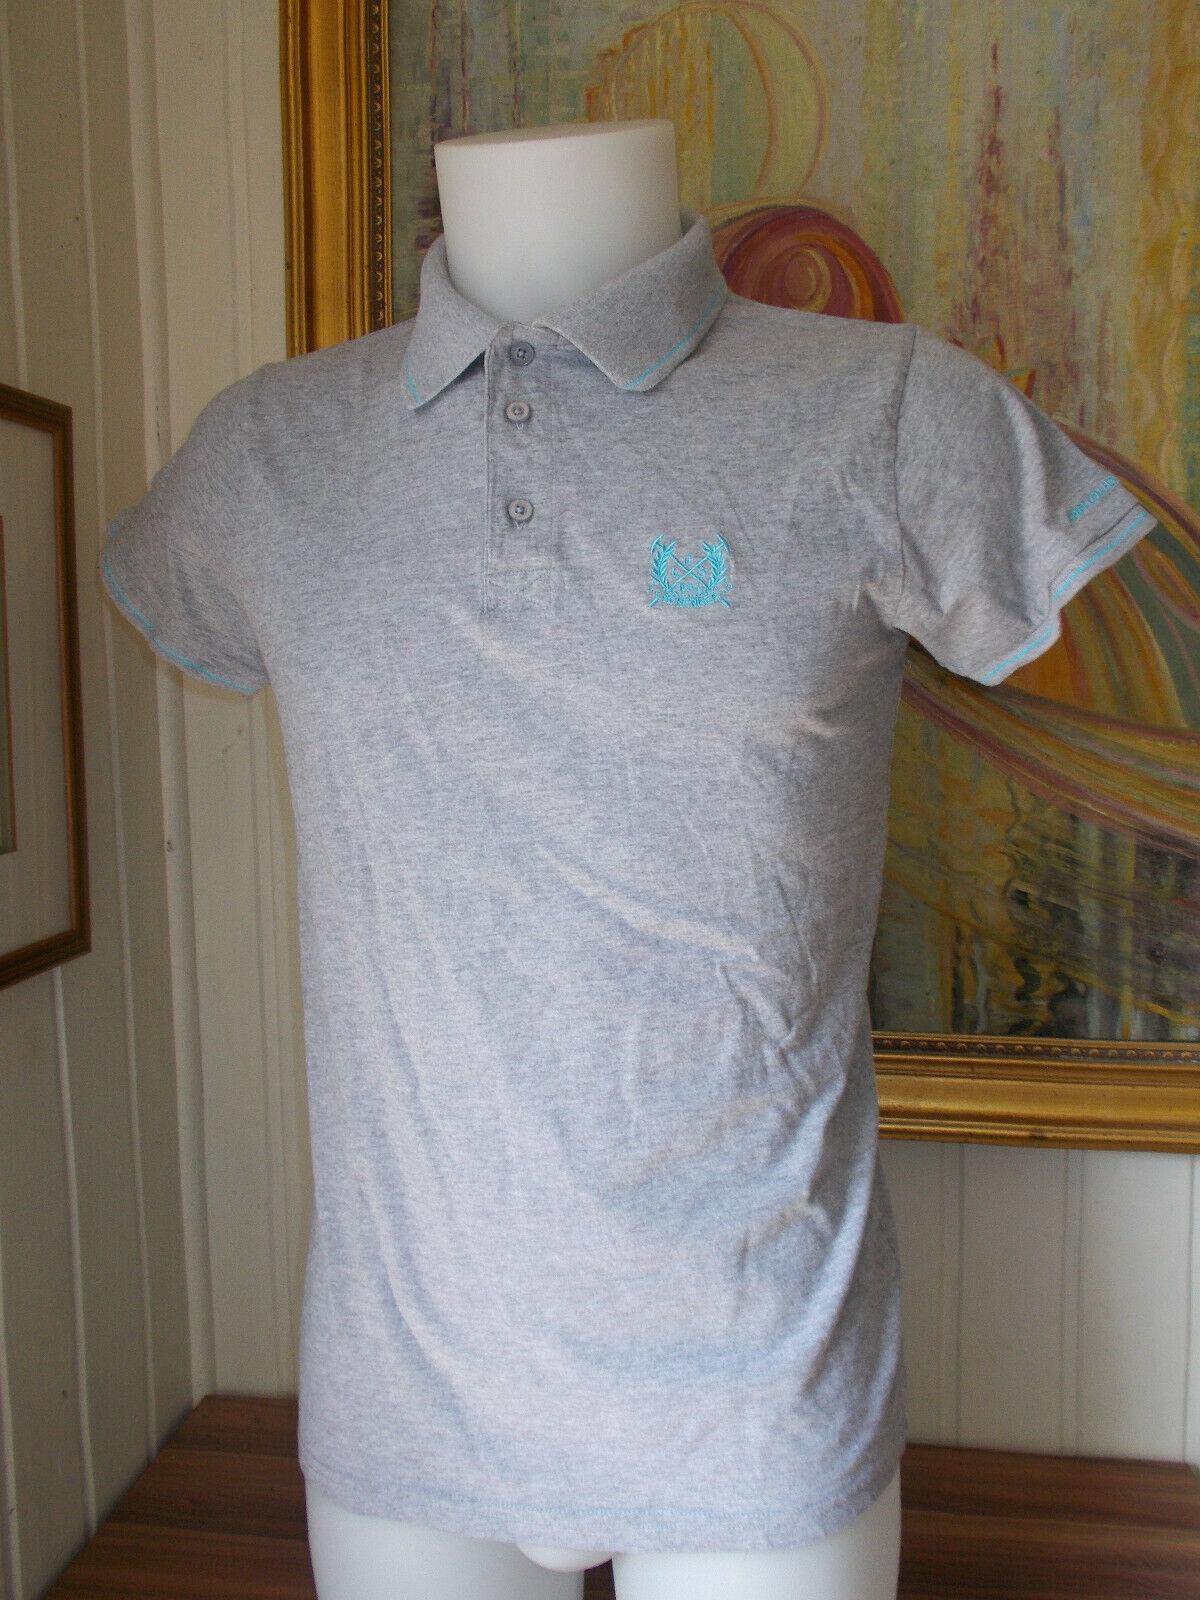 Polo coton gris brodé turquoise jean louis scherrer l 40/42 manches courtes